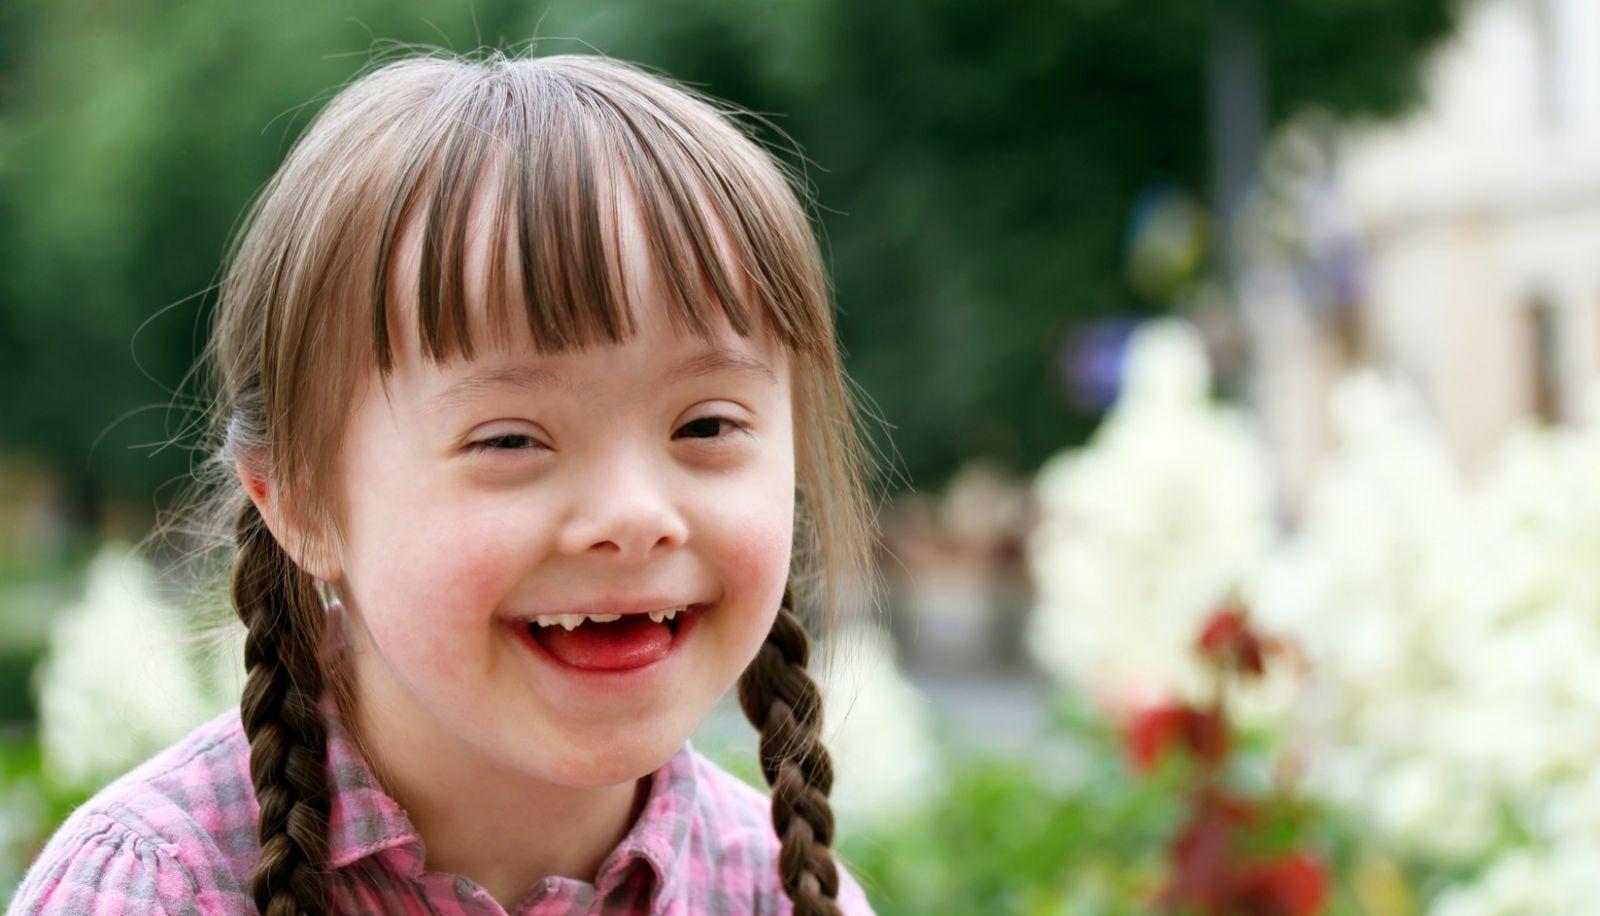 کودک مبتلا به سندروم داون یکی از مشکلات ژنتیکی